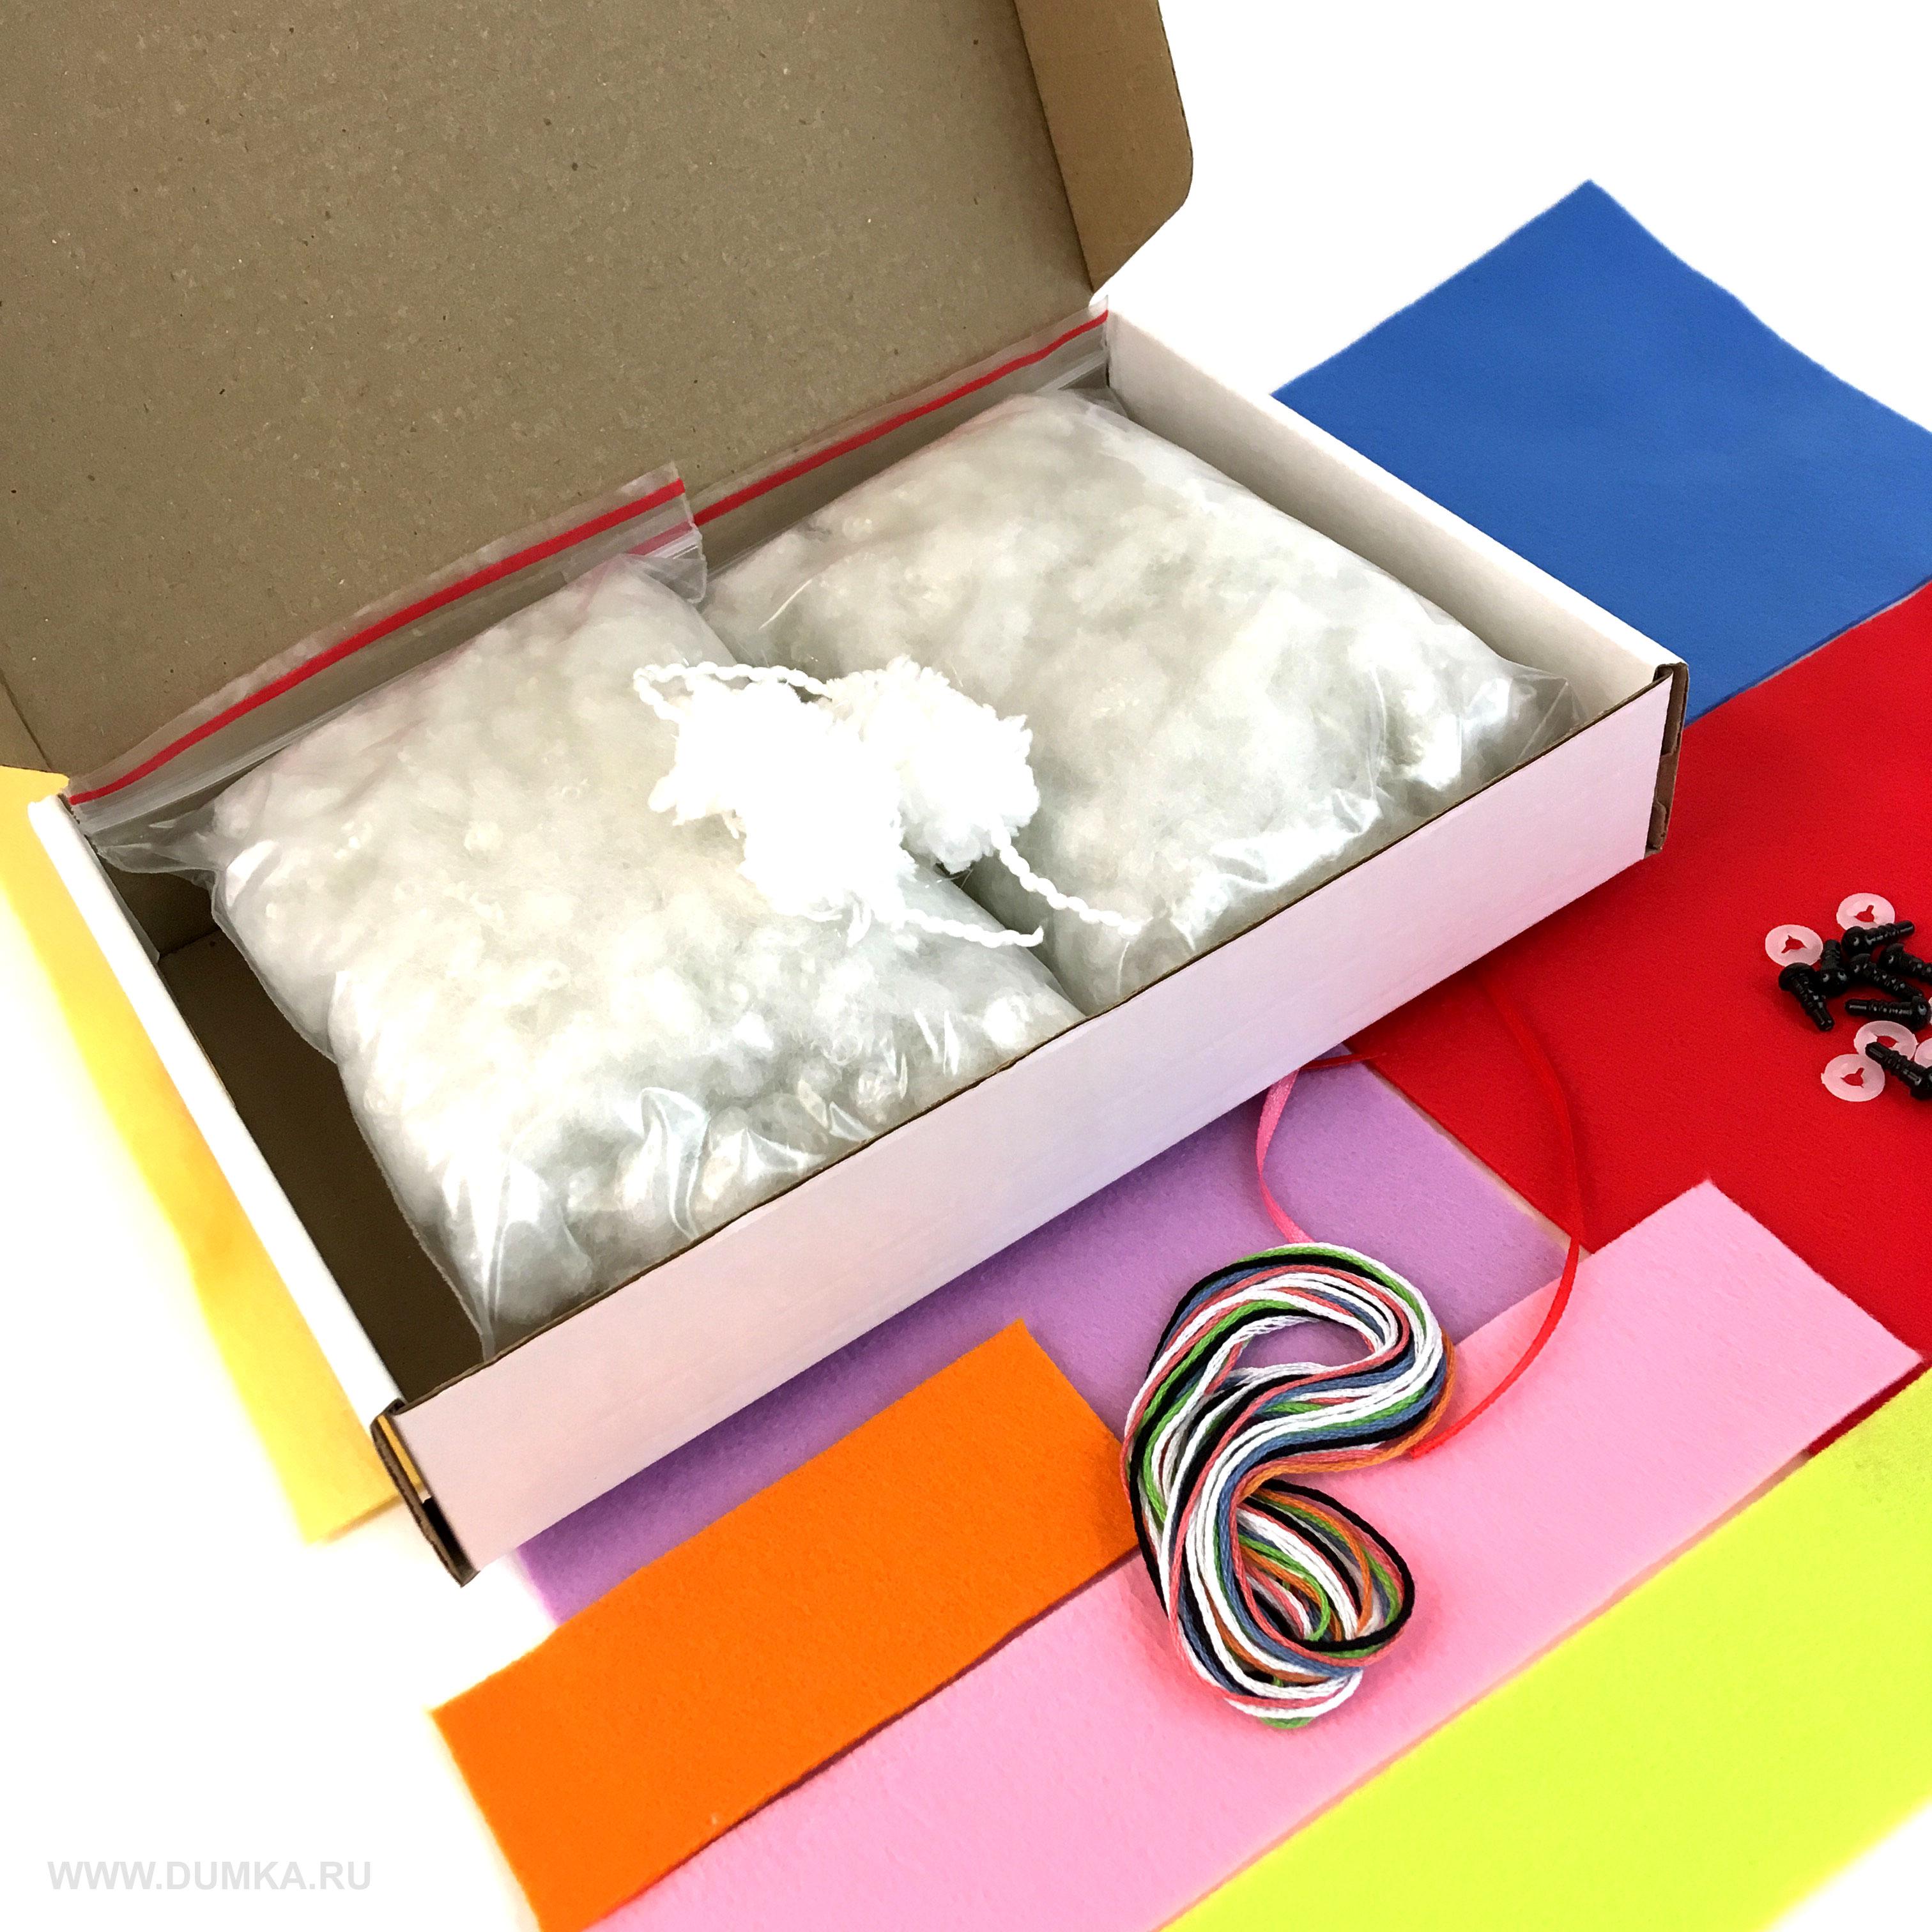 Набор для шитья игрушки «Семейка Снеговиков» - фотография 7